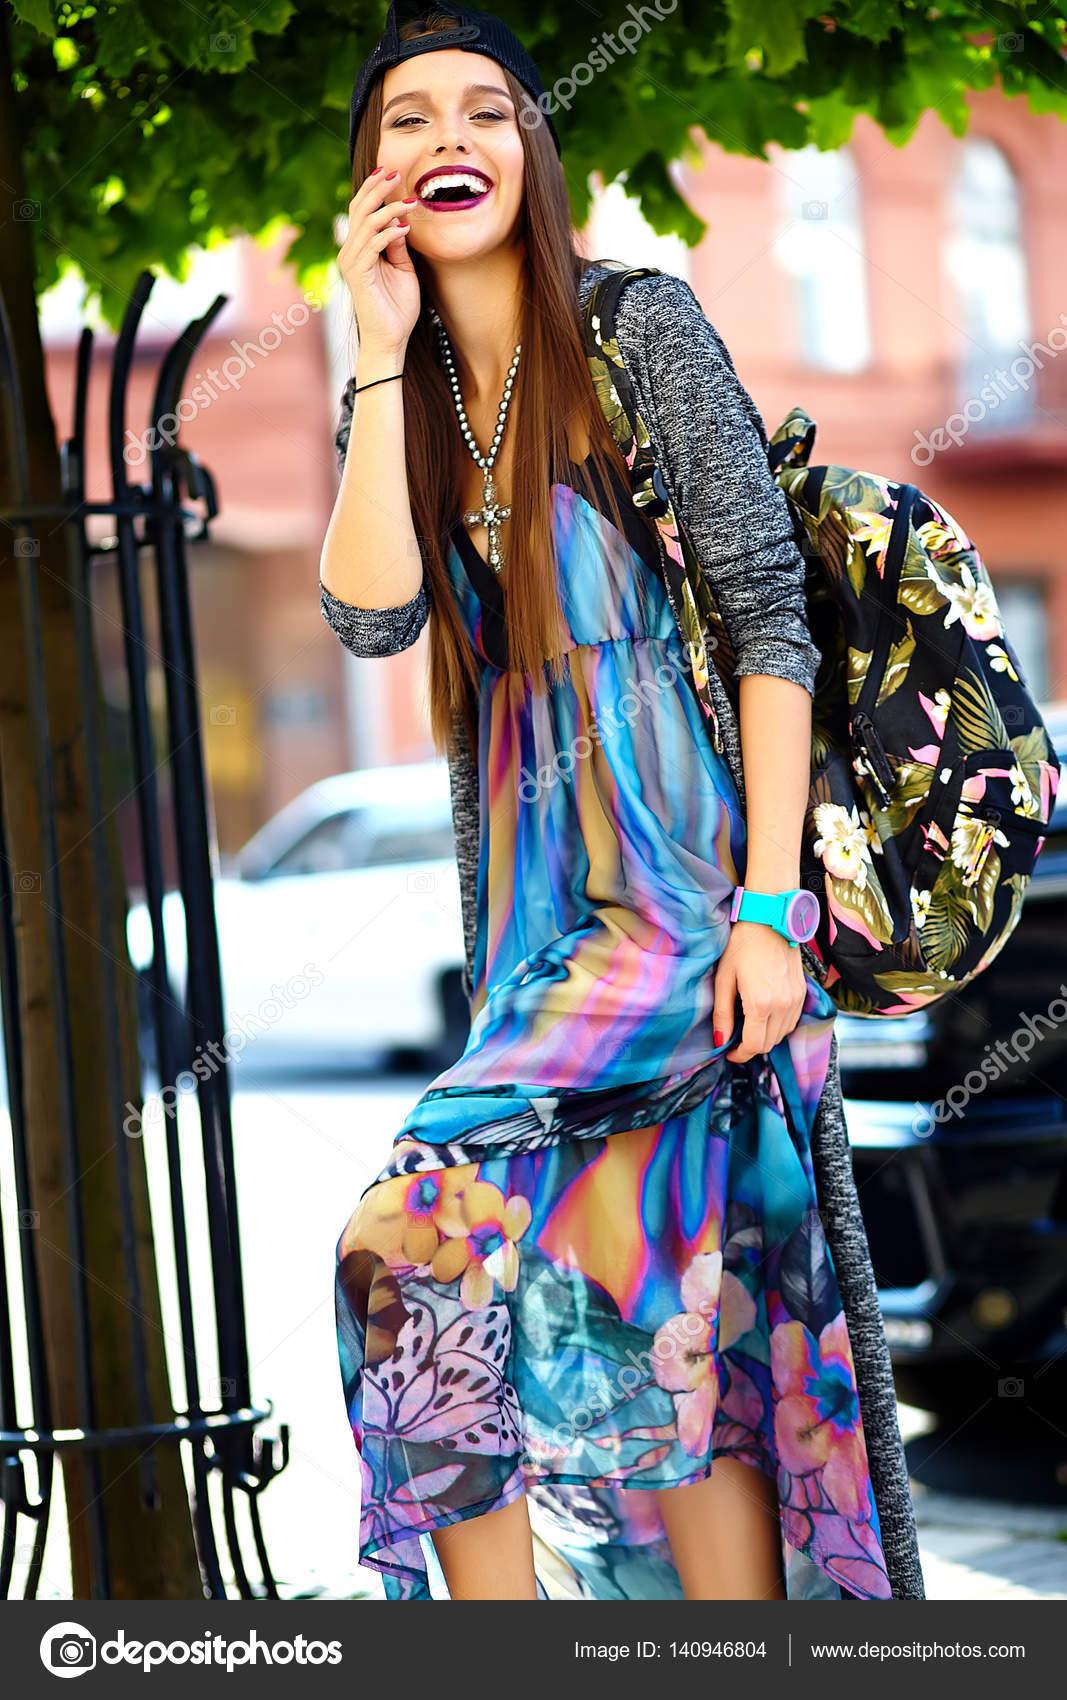 c823896cfd Stylowe piękna młoda brunetka kobieta moda model w lato hipster kolorowe  ubranie pozowanie na ulicy tle — Zdjęcie od alexhalay. Znajdź podobne obrazy